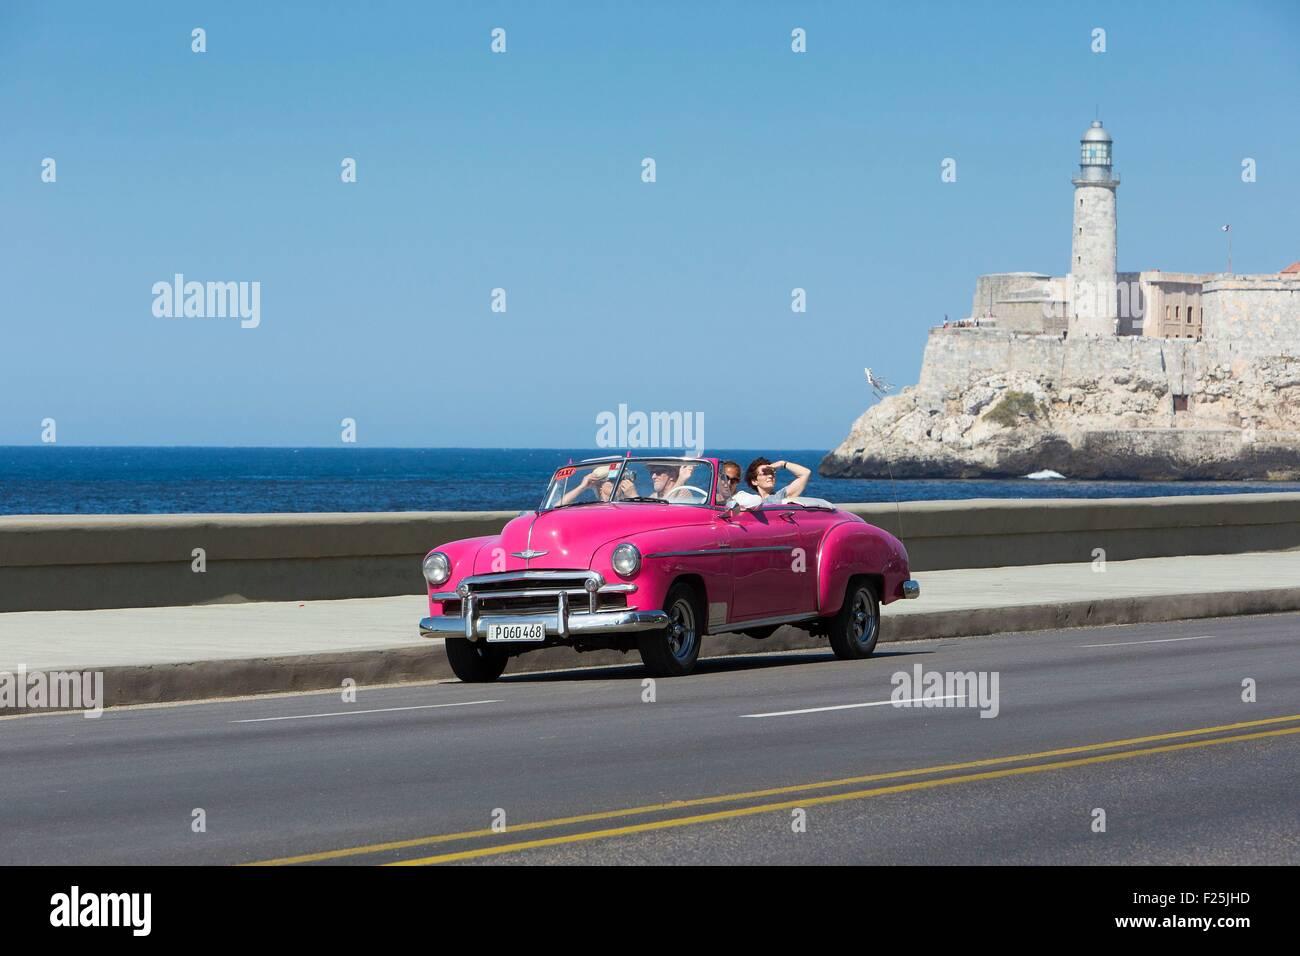 Cuba, Ciudad de la Habana Province, La Havana, vettura americana sul Malecon e il faro del Castillo de los Tres Immagini Stock